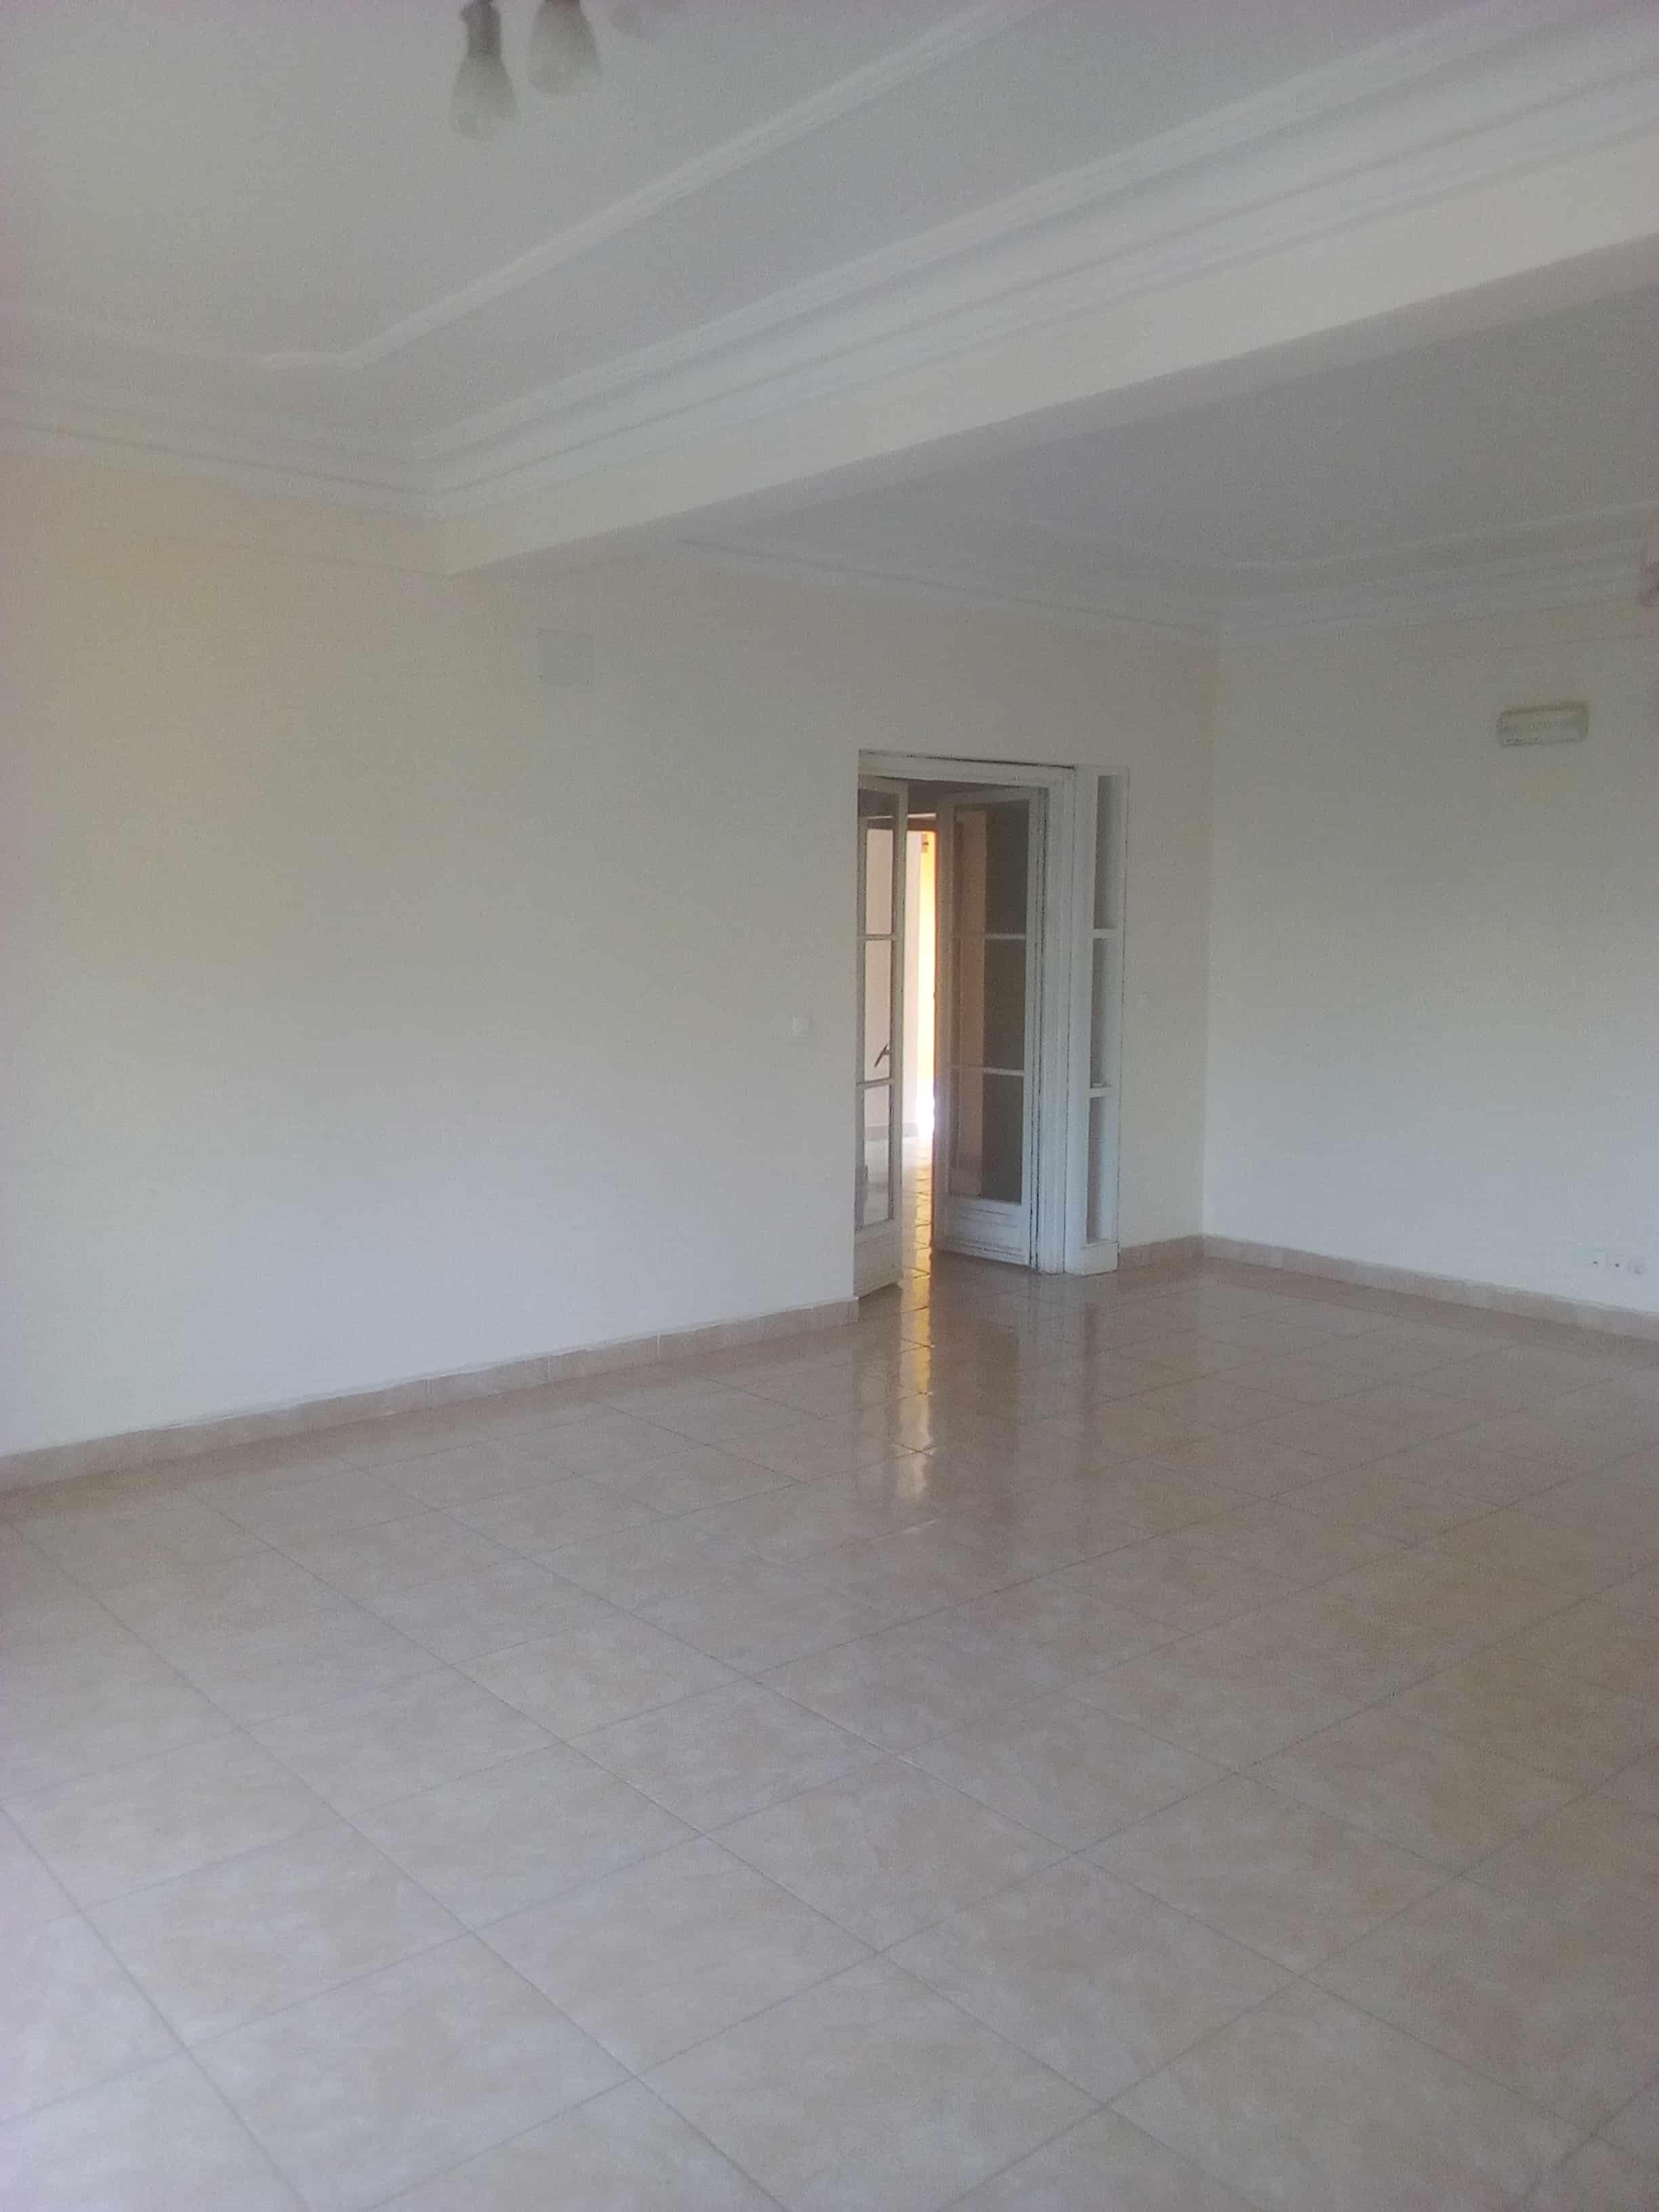 Appartement à louer - Yaoundé, Mfandena, Omnisport - 1 salon(s), 3 chambre(s), 3 salle(s) de bains - 400 000 FCFA / mois